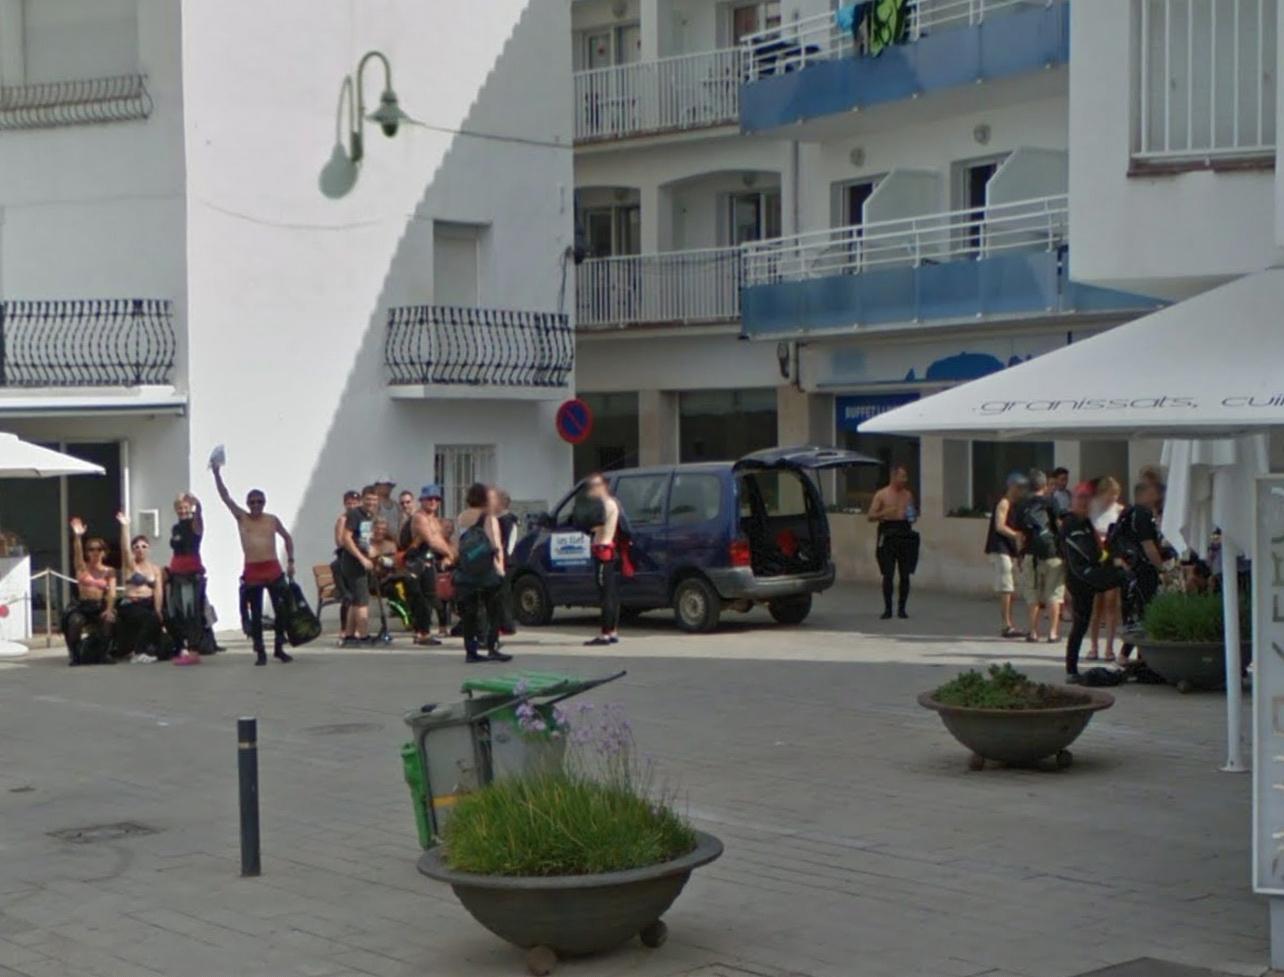 Tauchen les illes estartit hotel costa brava illes medes